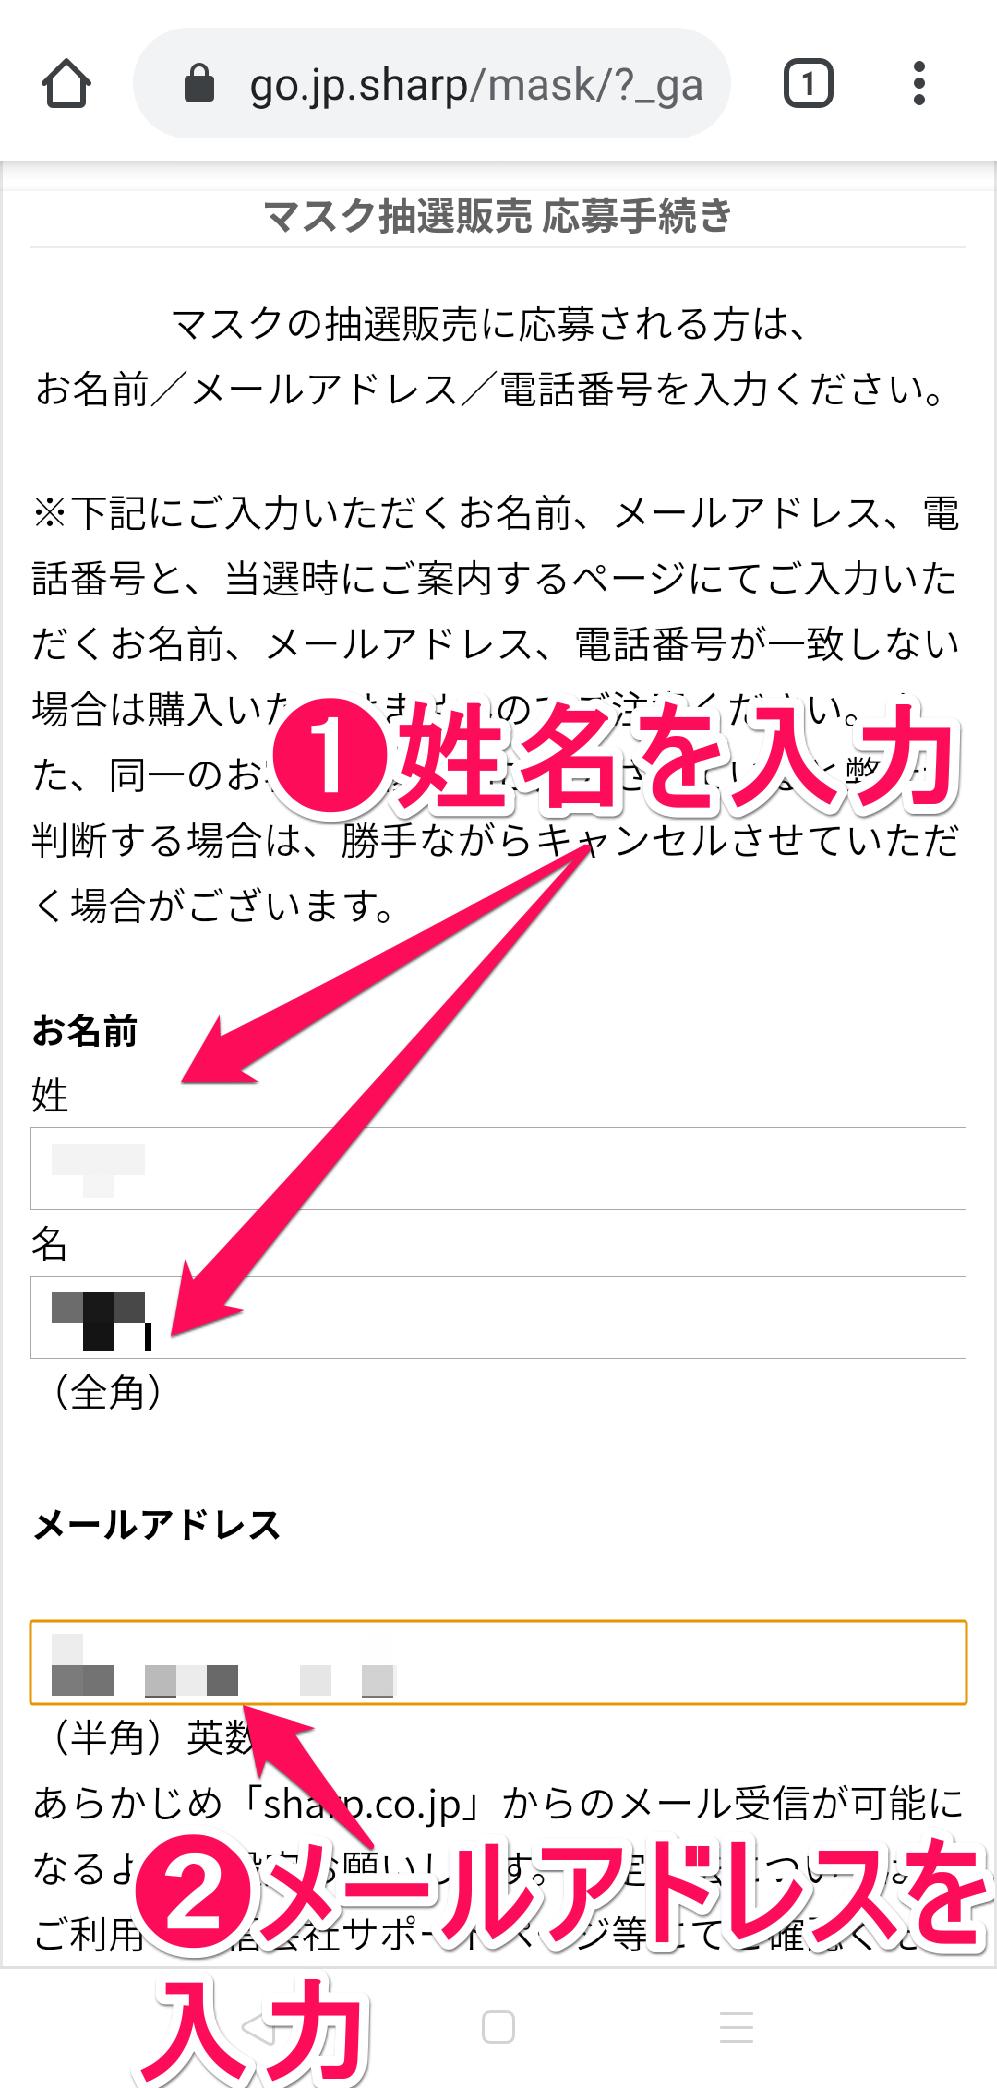 シャープ製マスク「マスク抽選販売 応募手続き」画面